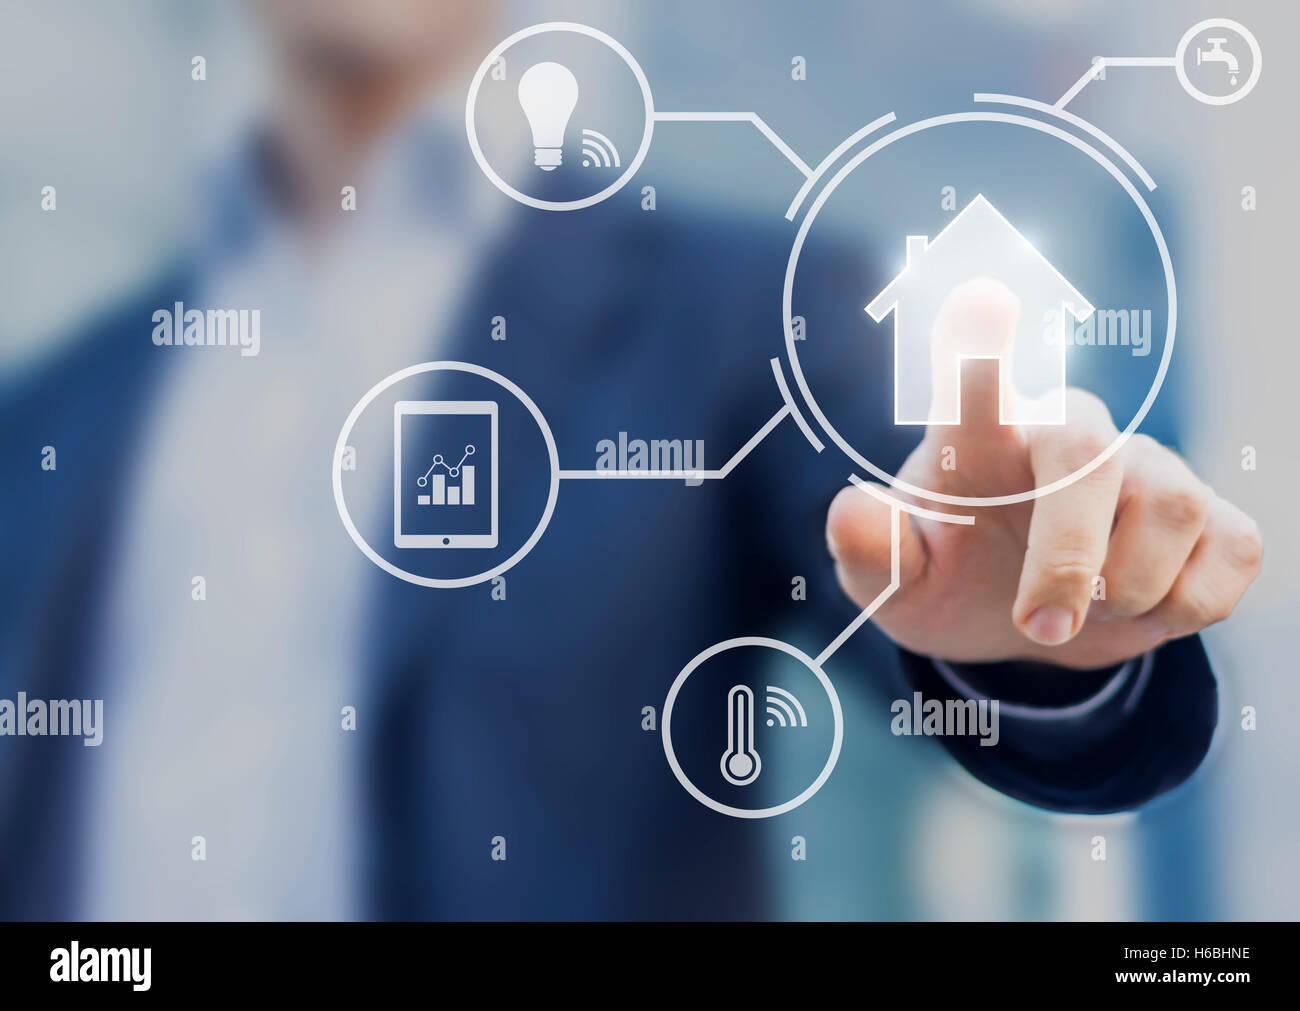 Interface Smart home avec bouton et les icônes permettant de contrôler la température et à l'application Photo Stock